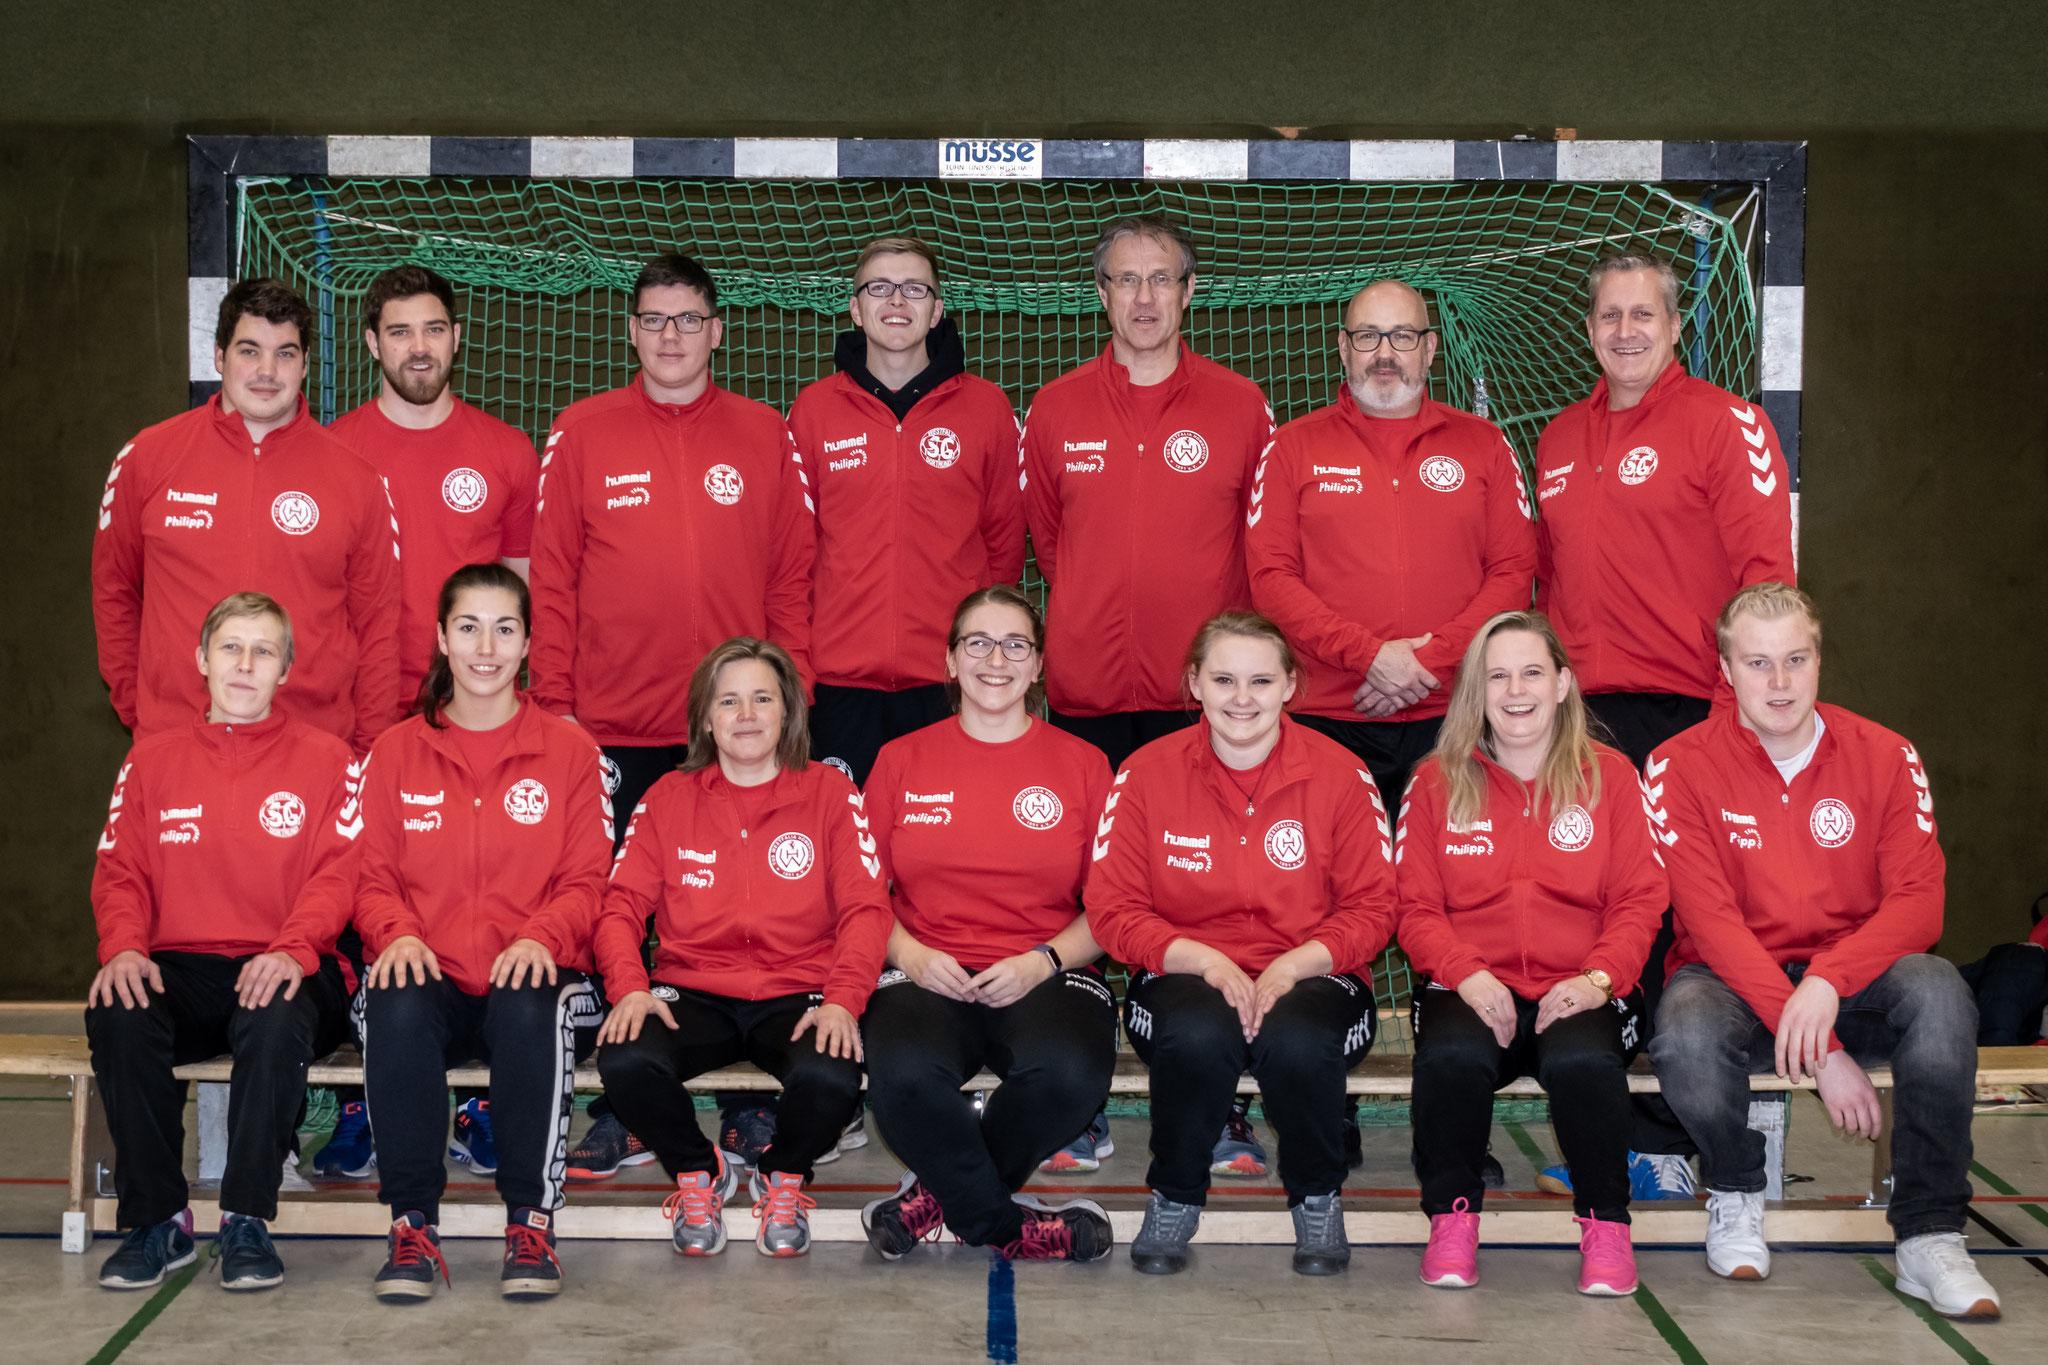 Die Jugendtrainer/innen 2018/19 von TuS Westf. Hombruch und der JSG Westf. Dortmund